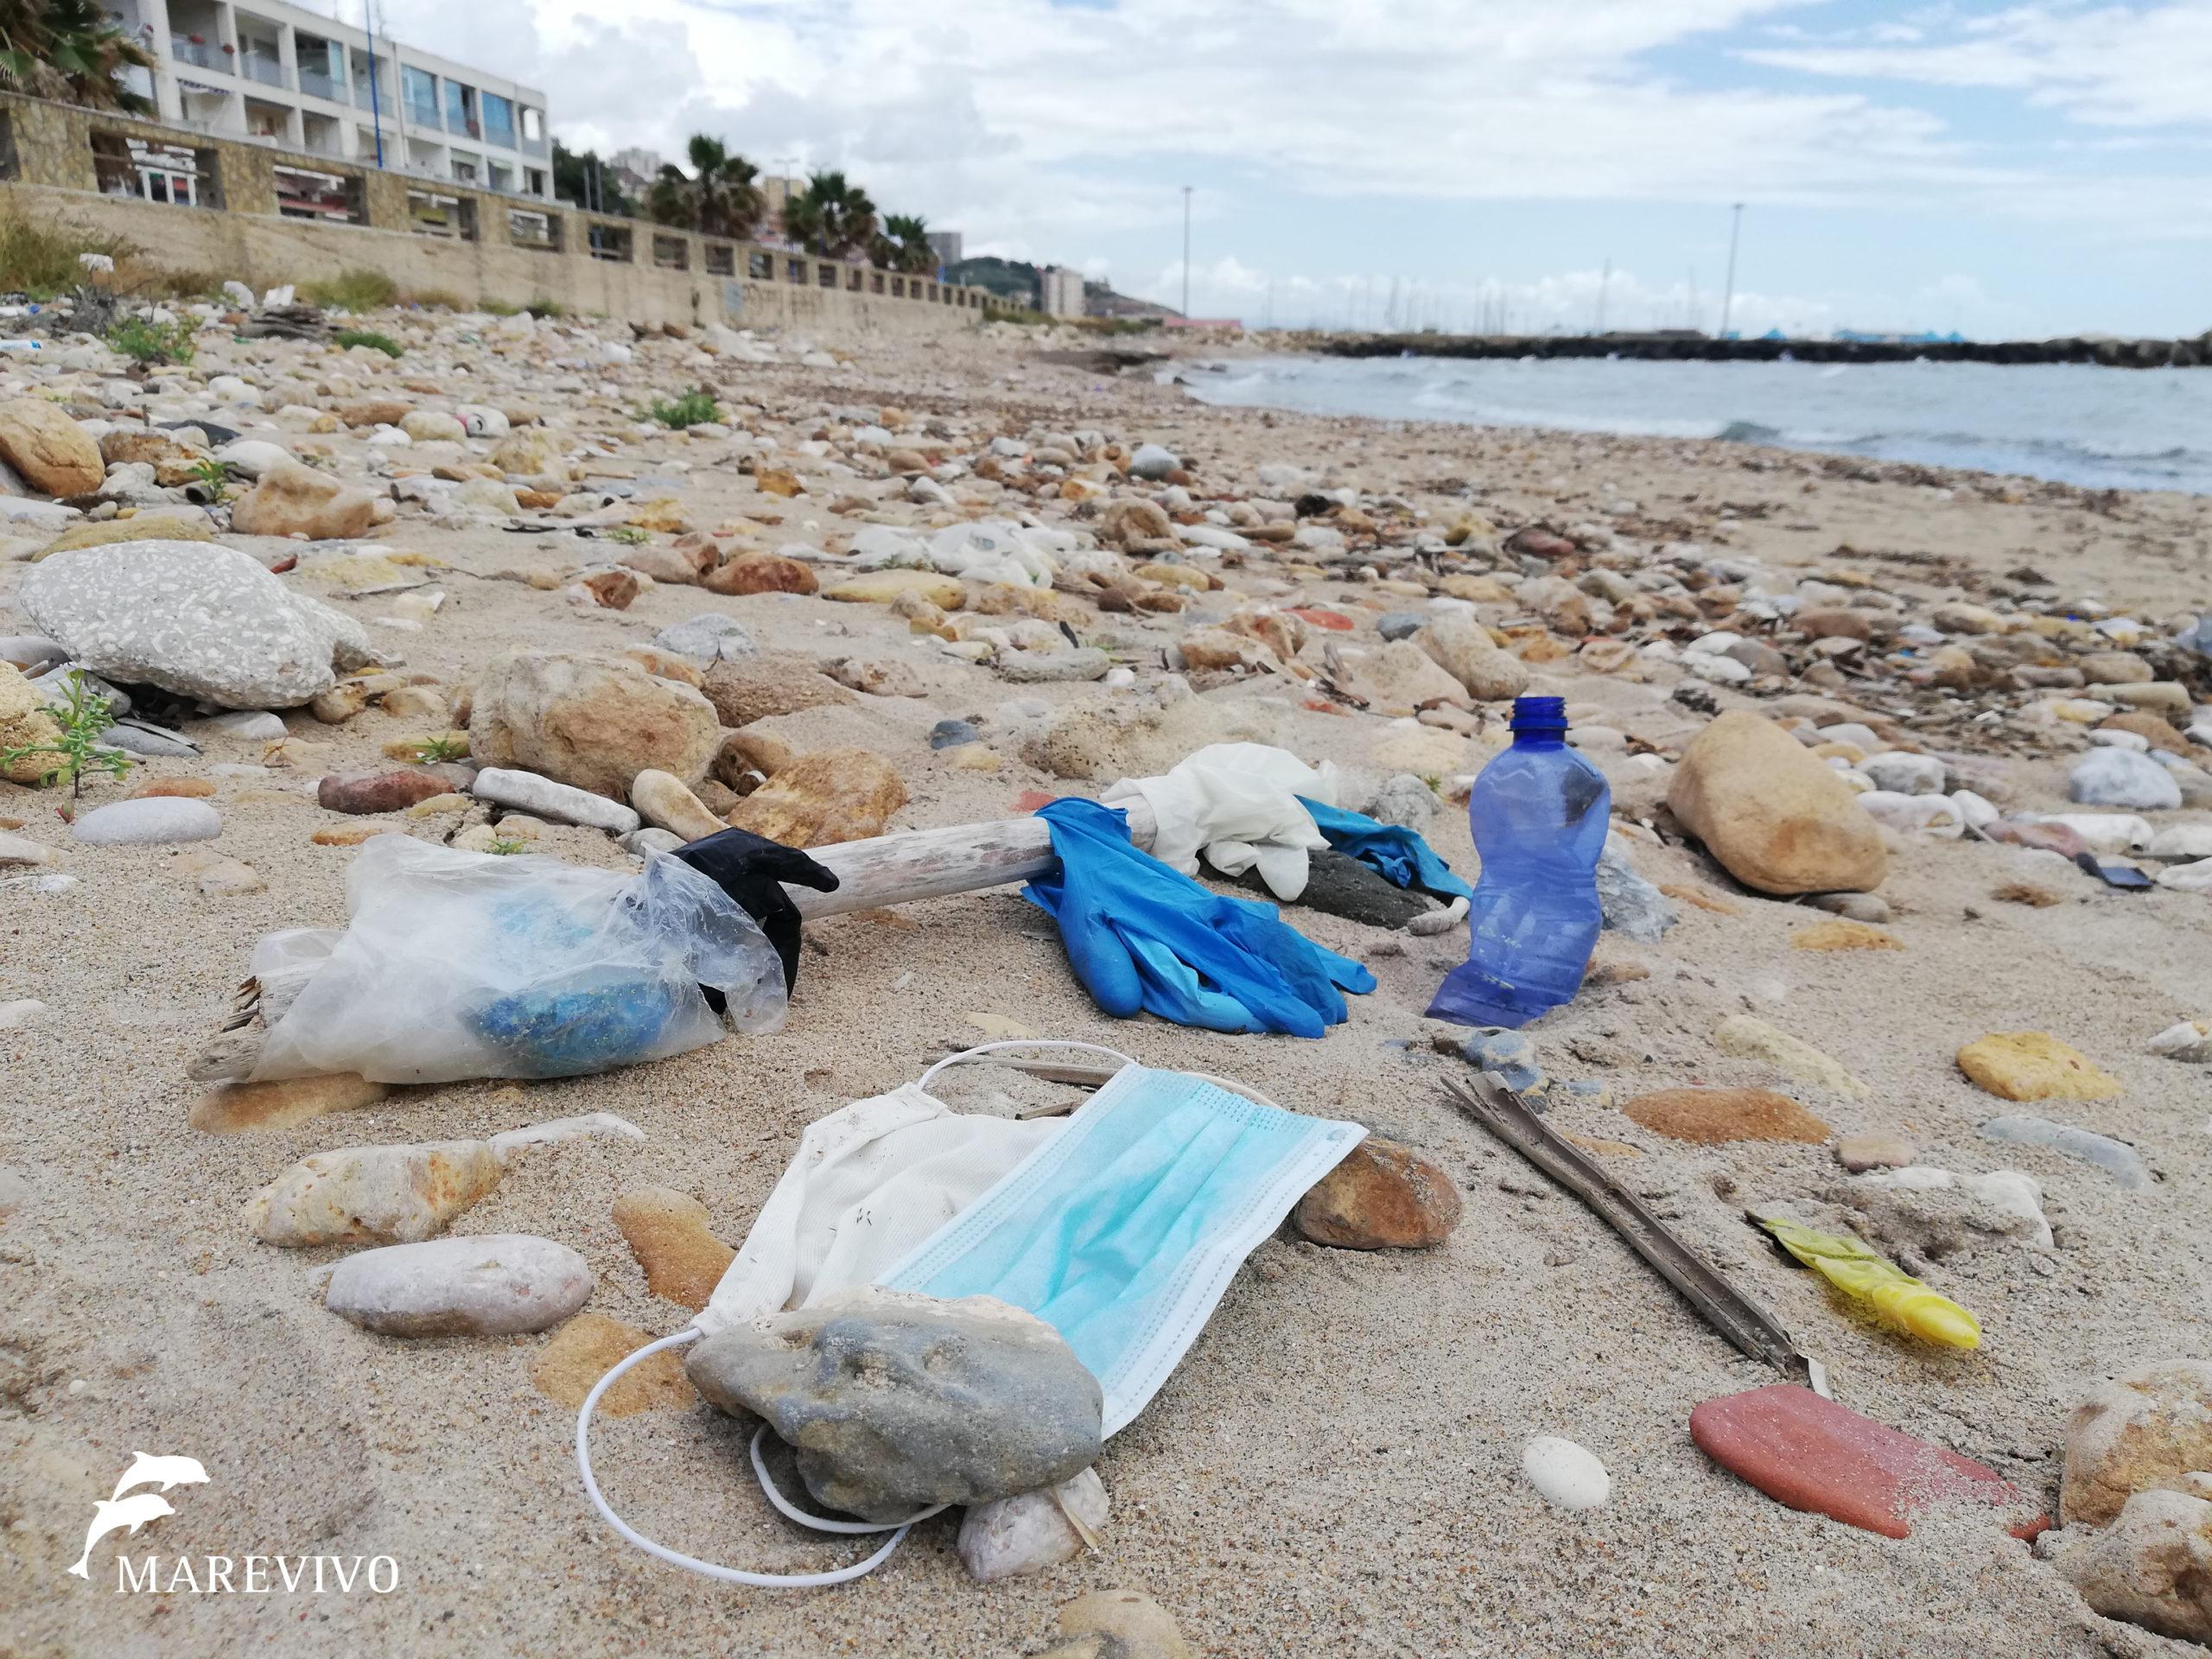 La tragedia del COVID19 coinvolge anche il mare: il problema dello smaltimento delle mascherine